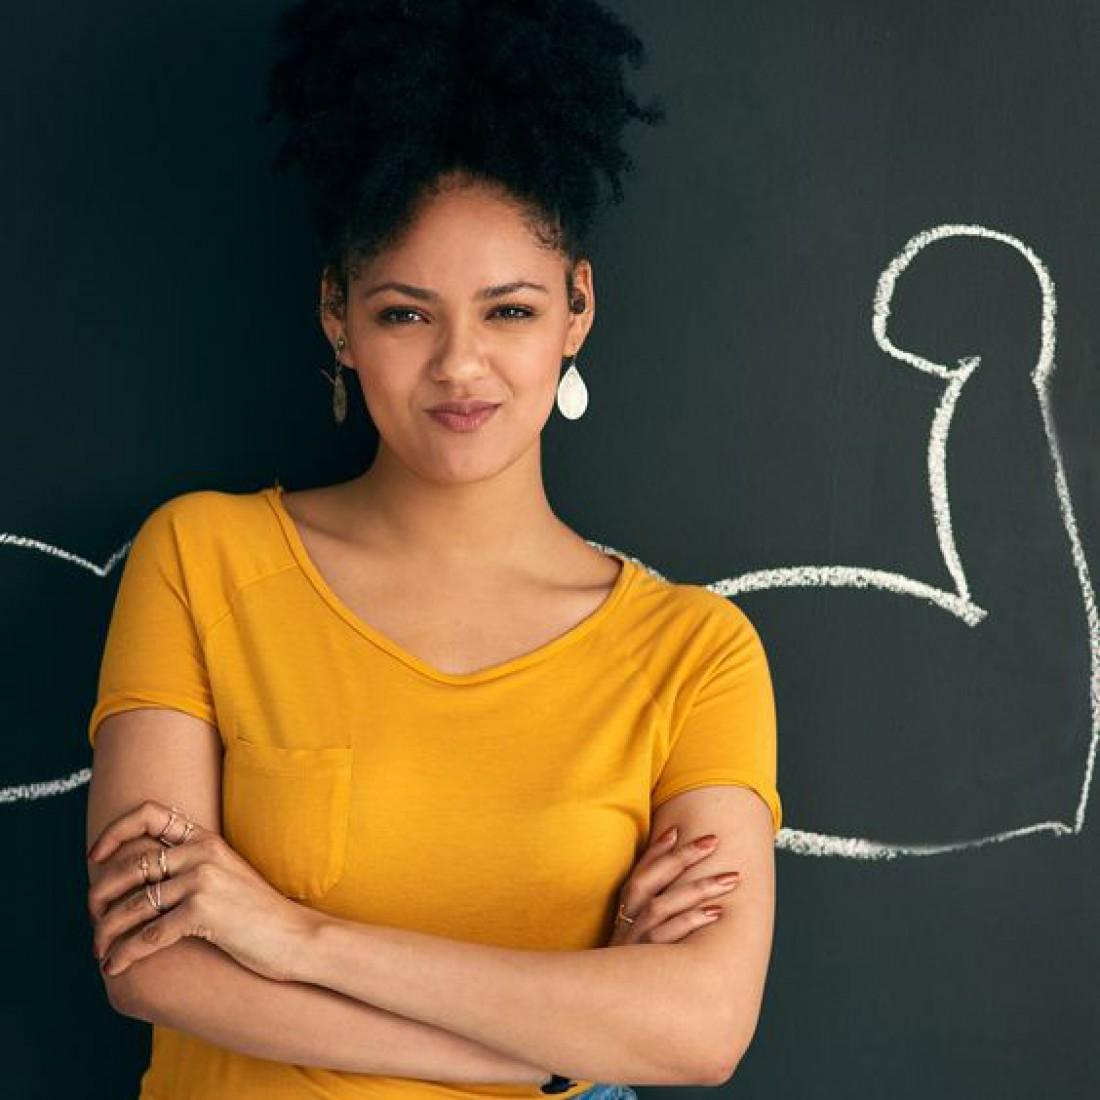 Борьба с сексизмом: 7 простых шагов, доступных каждому